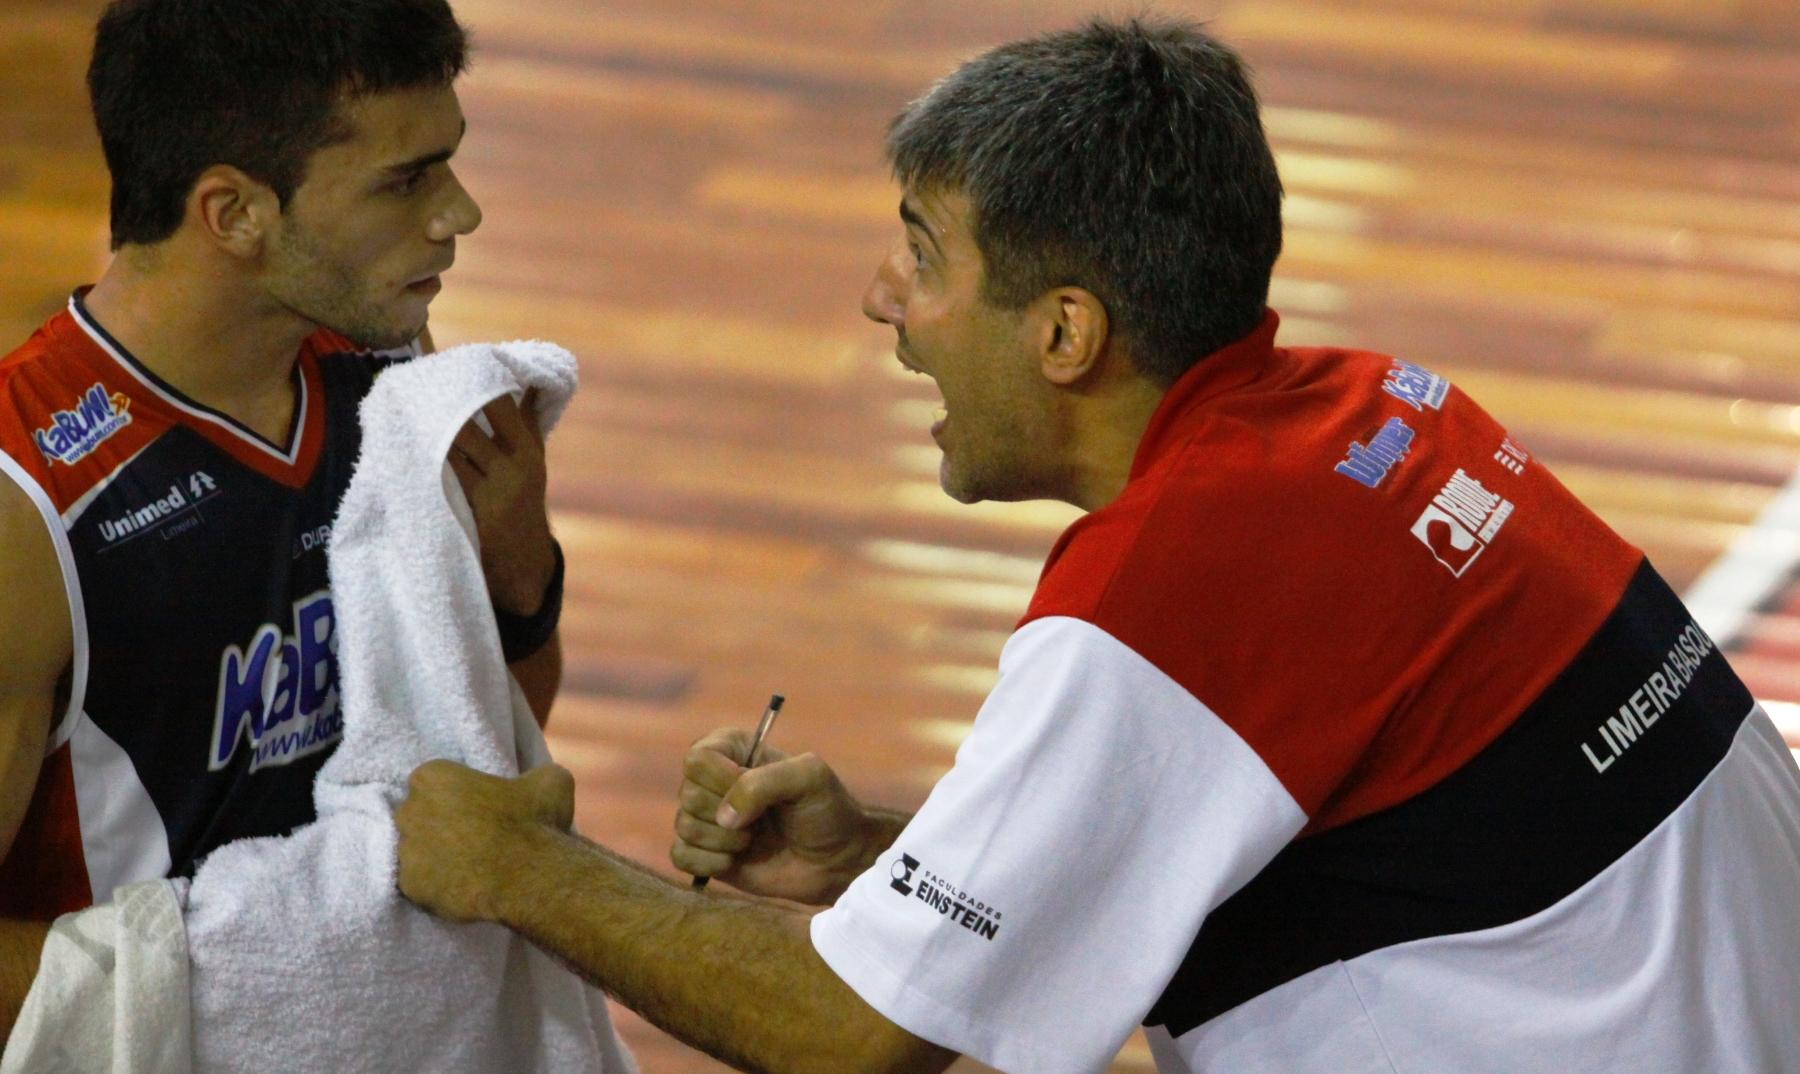 Depois de passar quatro anos como assistente, Dedé assumirá a função de treinador do Limeira